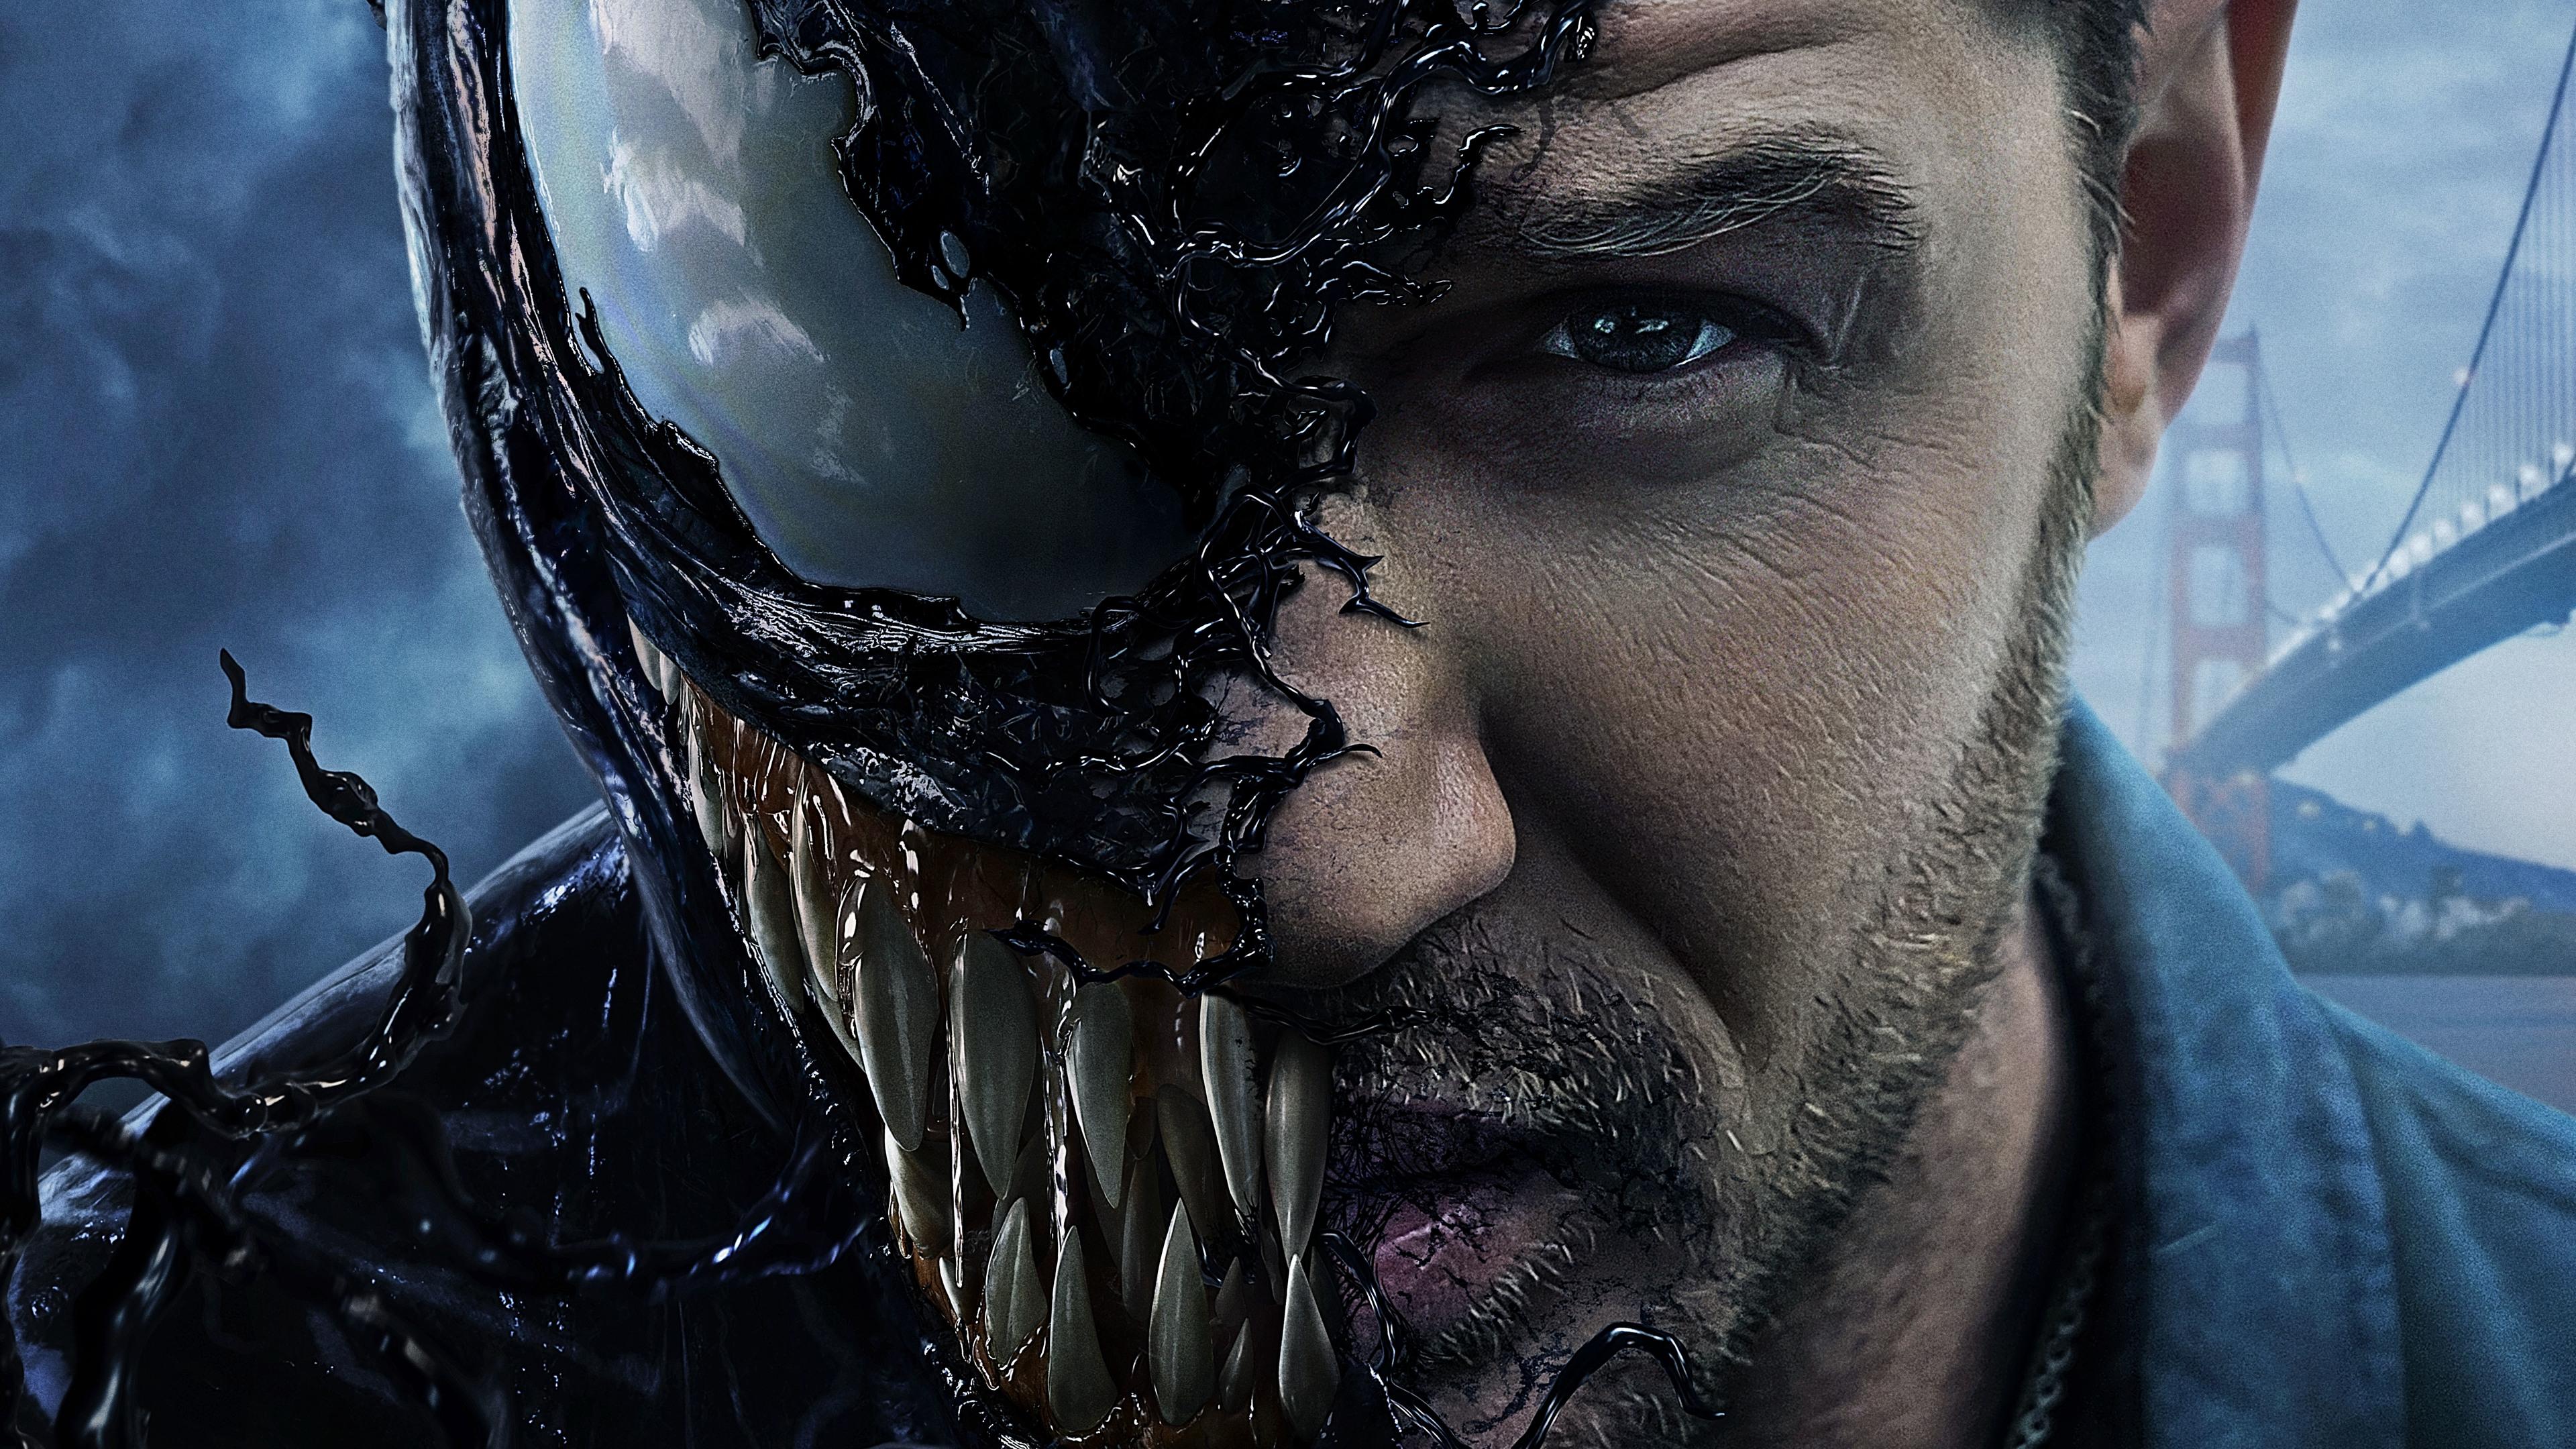 venom movie 10k 1537645595 - Venom Movie 10k - Venom wallpapers, venom movie wallpapers, tom hardy wallpapers, movies wallpapers, hd-wallpapers, 8k wallpapers, 5k wallpapers, 4k-wallpapers, 2018-movies-wallpapers, 10k wallpapers